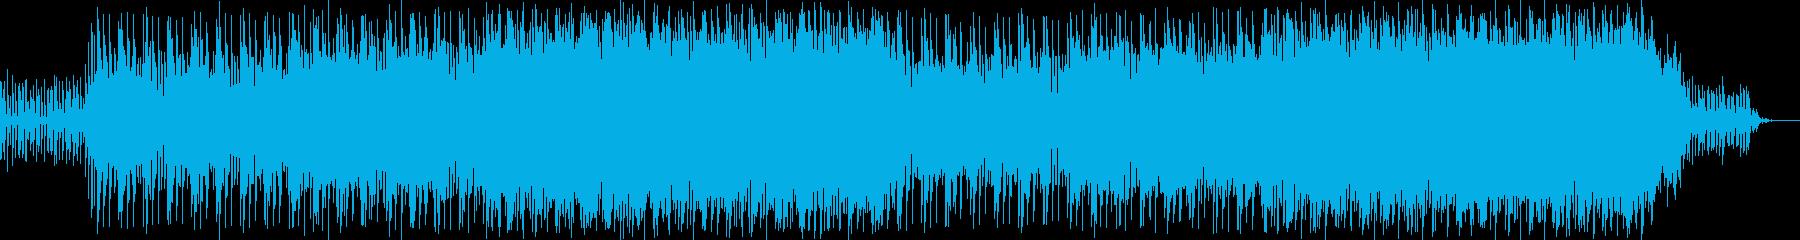 8ビートのエレクトロ、近未来の再生済みの波形